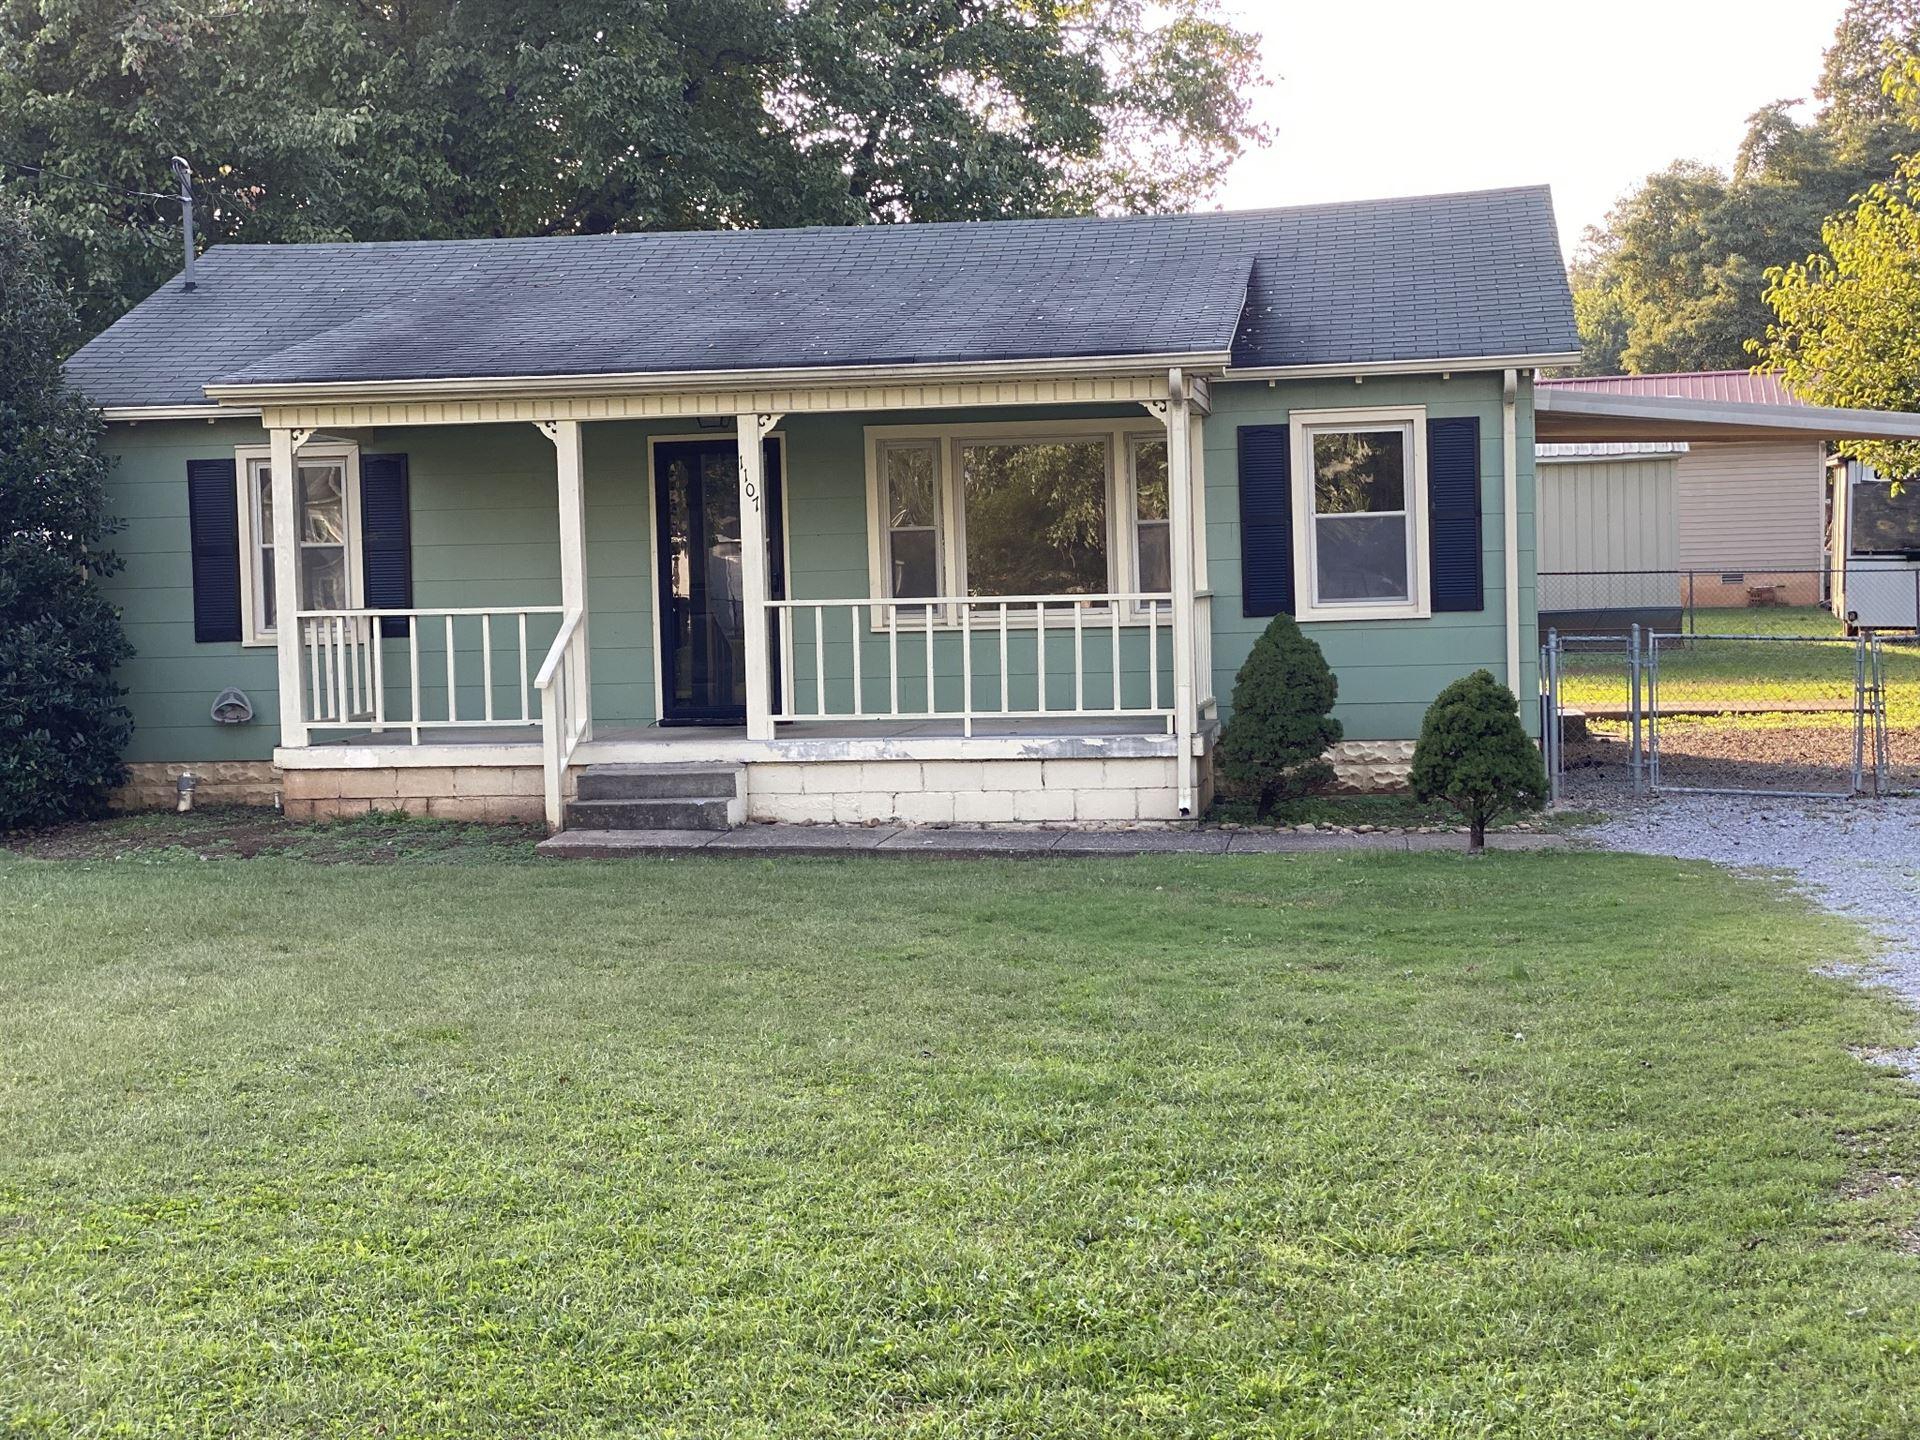 Photo of 1107 White Blvd, Murfreesboro, TN 37129 (MLS # 2299743)